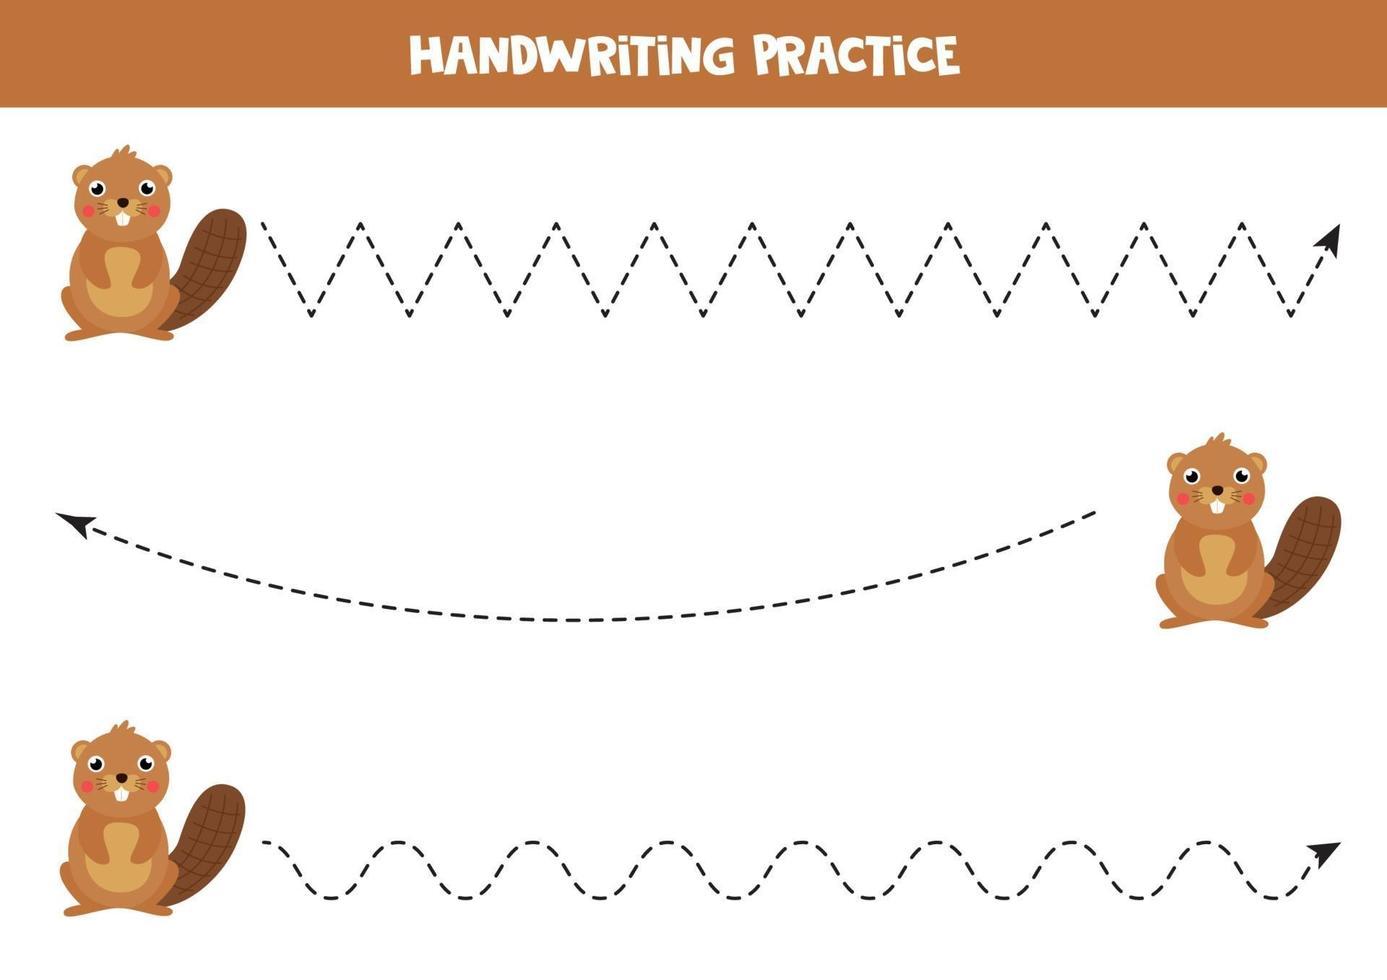 traçant des lignes avec un castor en carton mignon. pratique de l'écriture manuscrite. vecteur